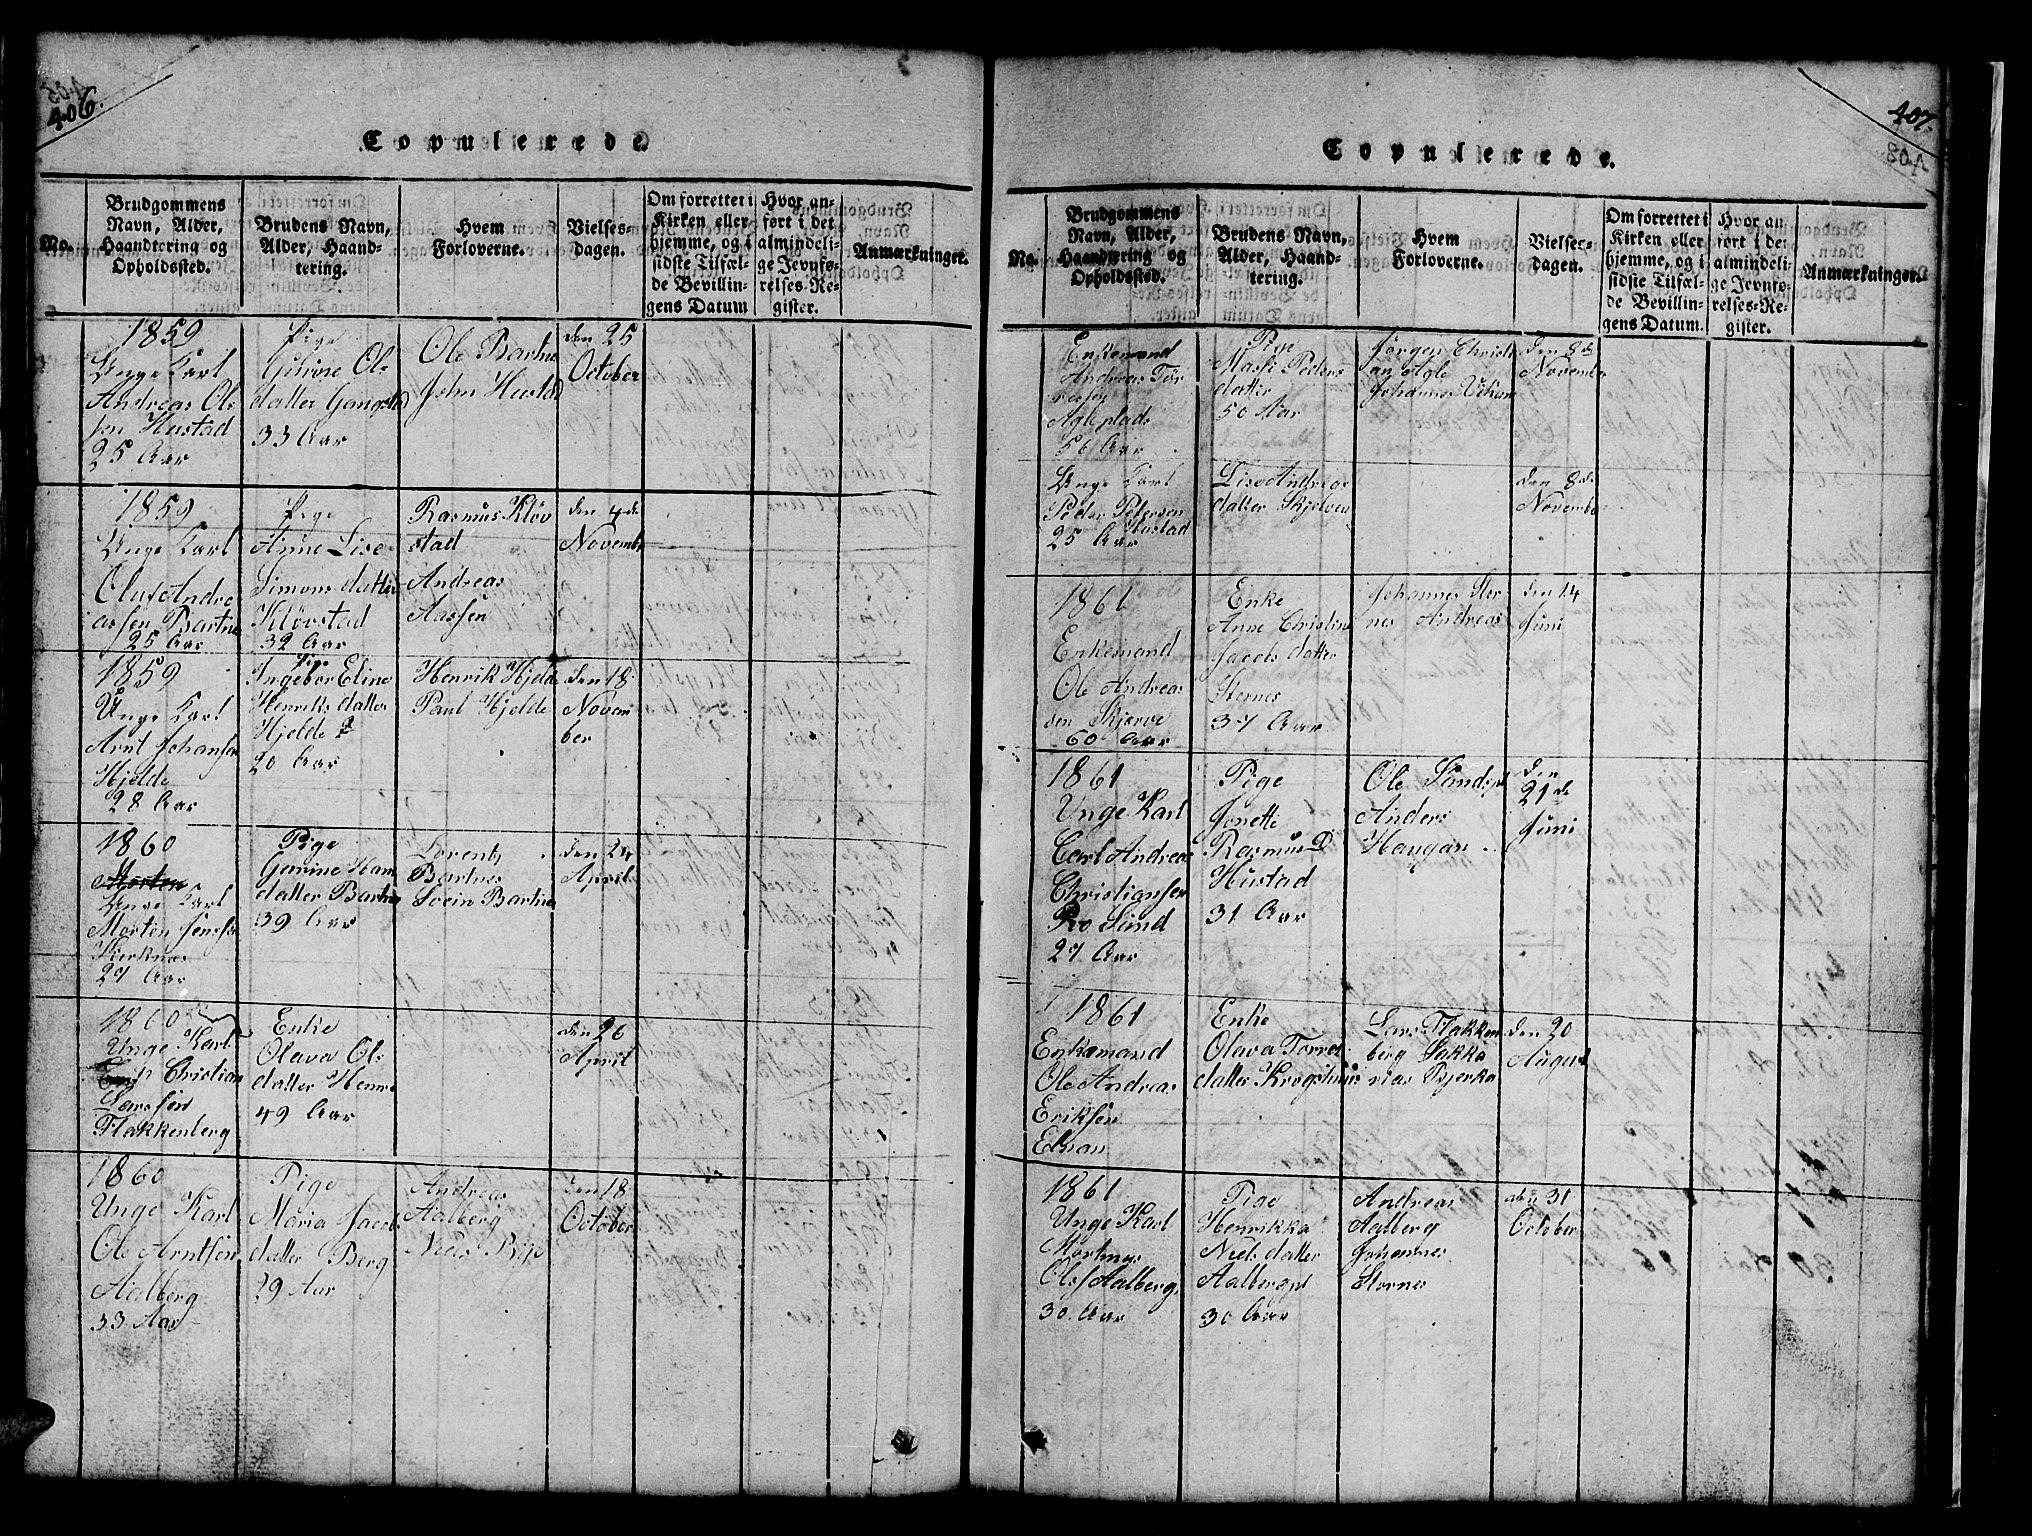 SAT, Ministerialprotokoller, klokkerbøker og fødselsregistre - Nord-Trøndelag, 732/L0317: Klokkerbok nr. 732C01, 1816-1881, s. 406-407